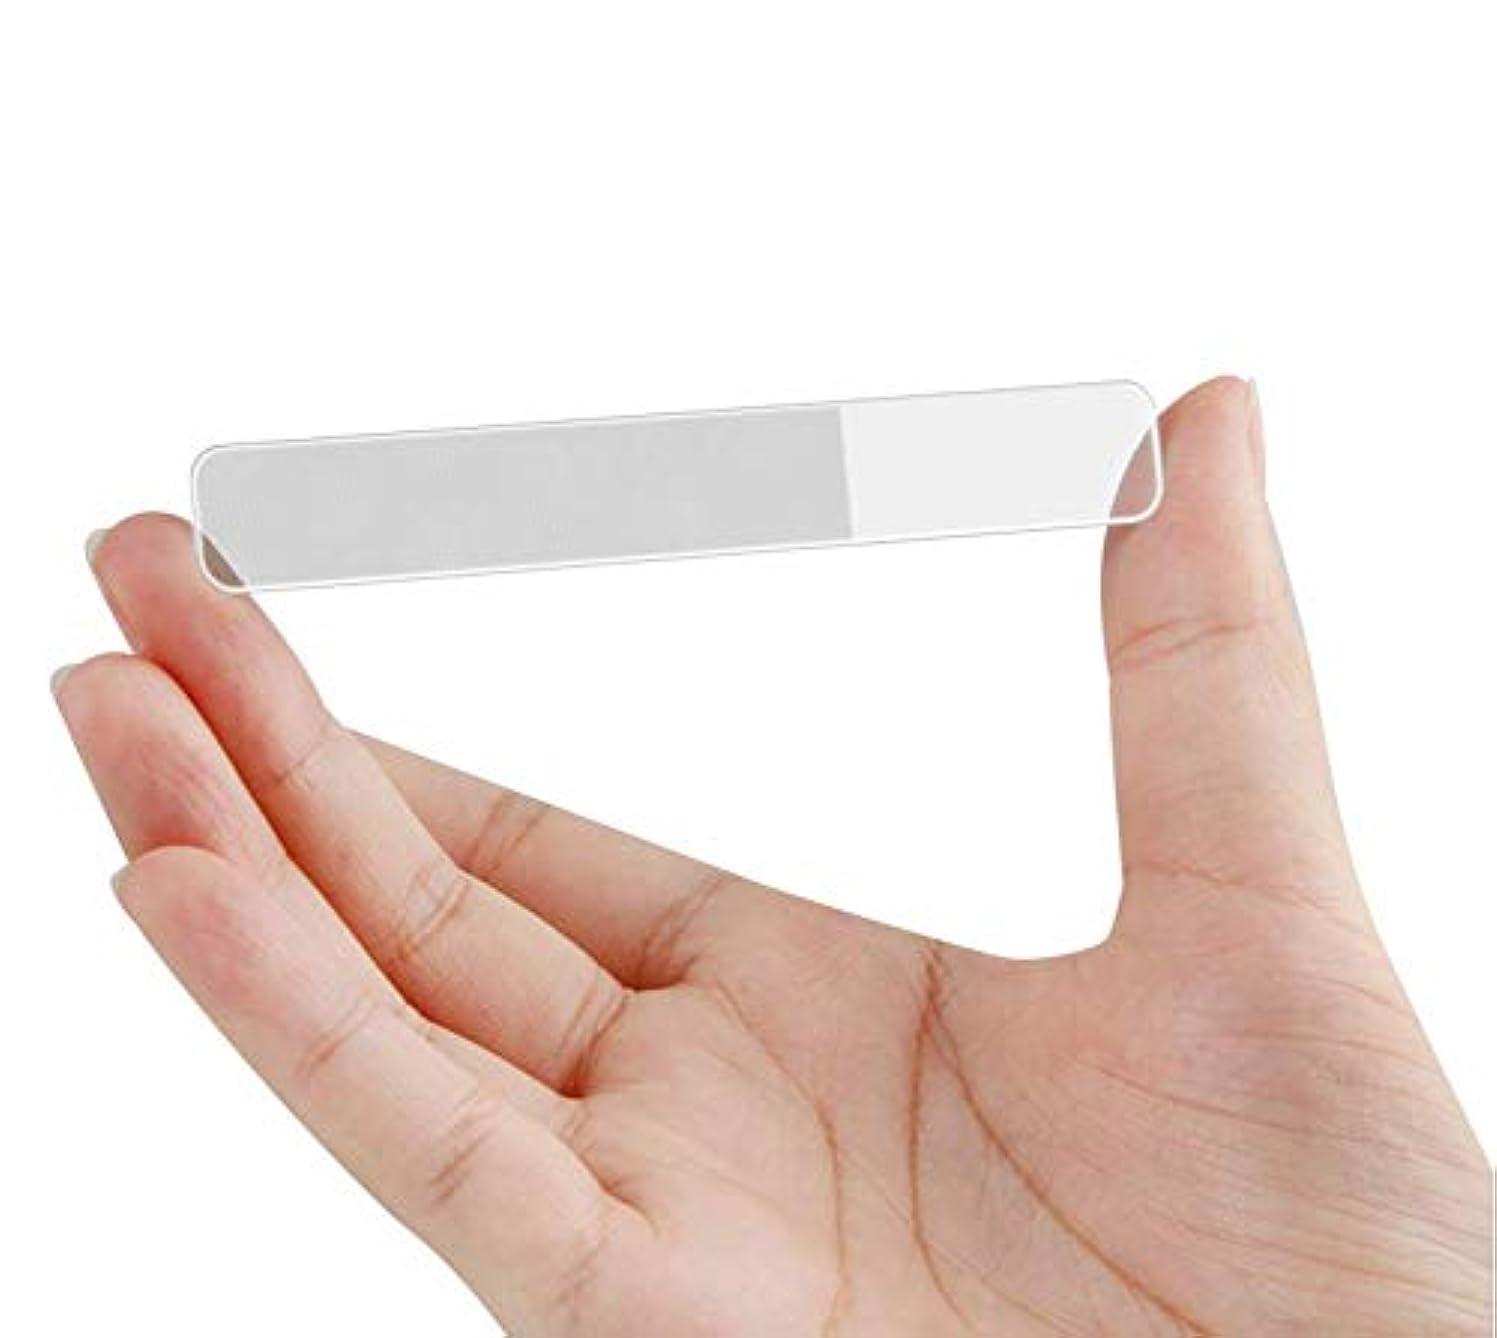 マッシュ商標構築するMX 爪やすり 爪磨き ガラス製 (スタイル A)